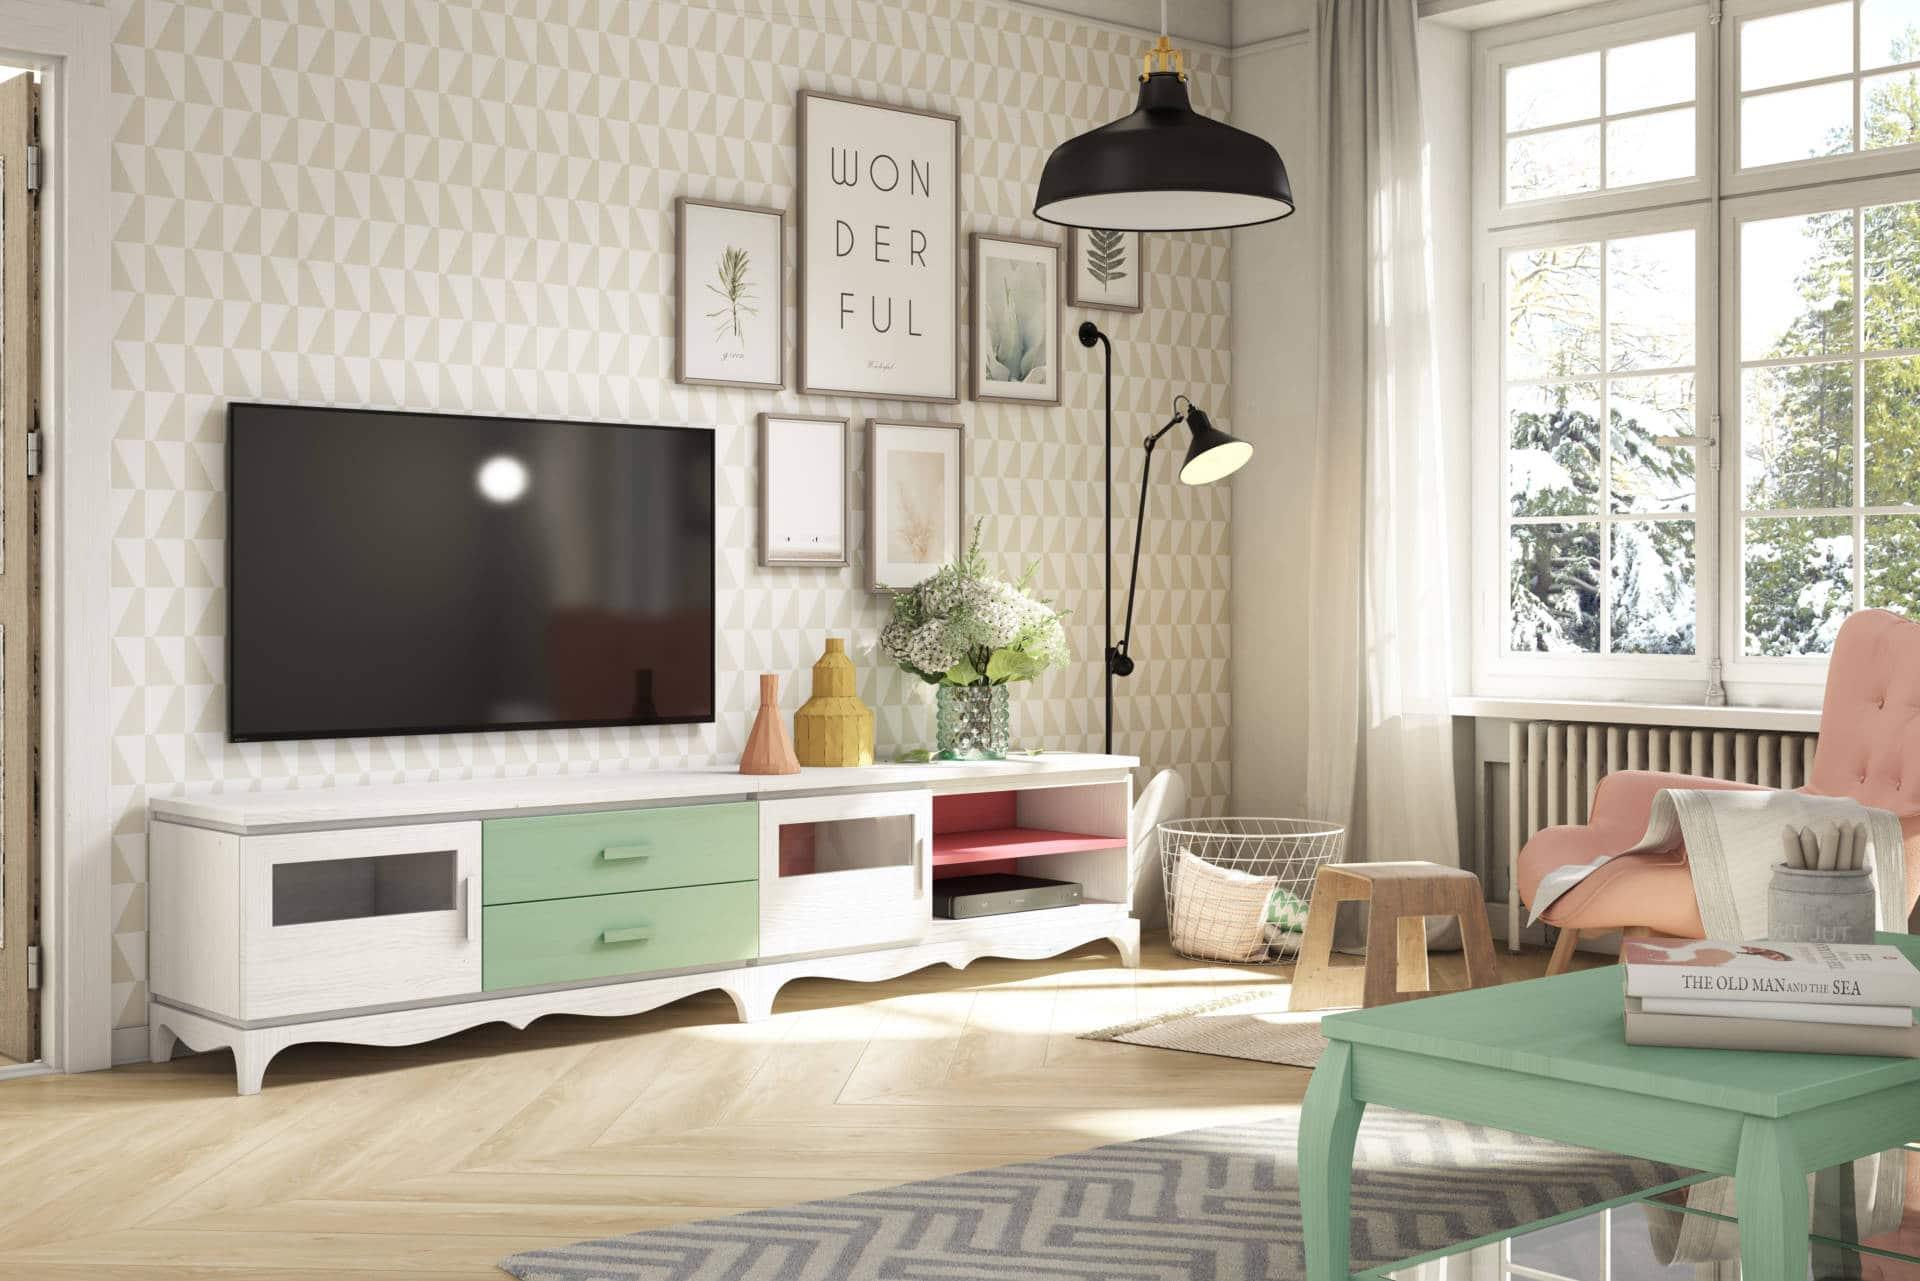 Muebles de sal n r sticos en zaragoza r stica ambientes - Muebles de comedor rusticos modernos ...